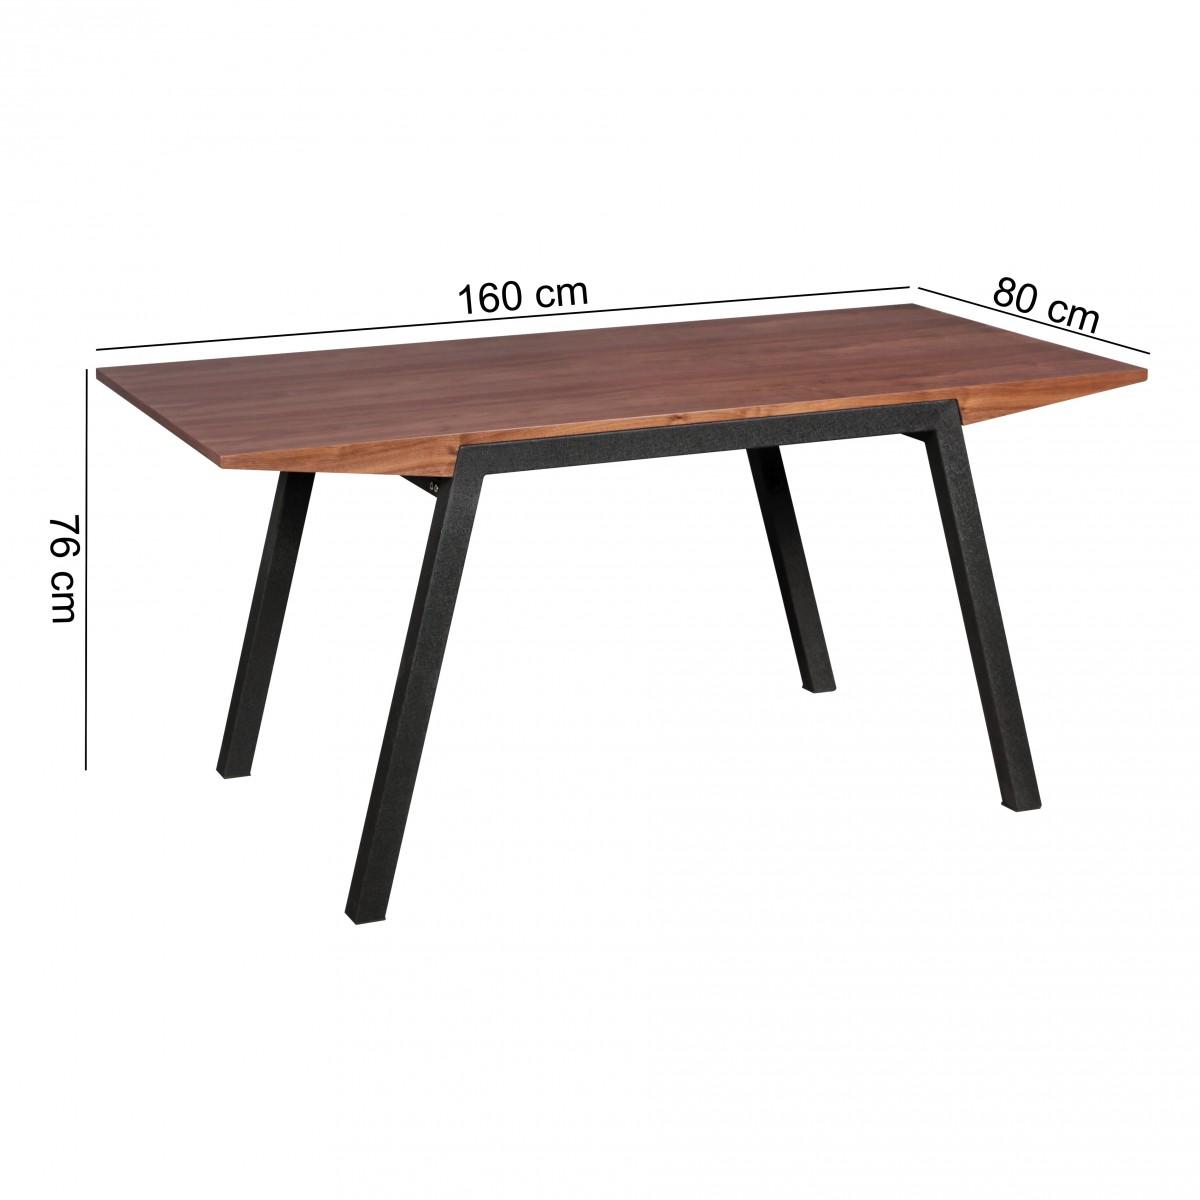 Finebuy esszimmertisch mdf holz design esstisch rechteckig for Holz esszimmertisch